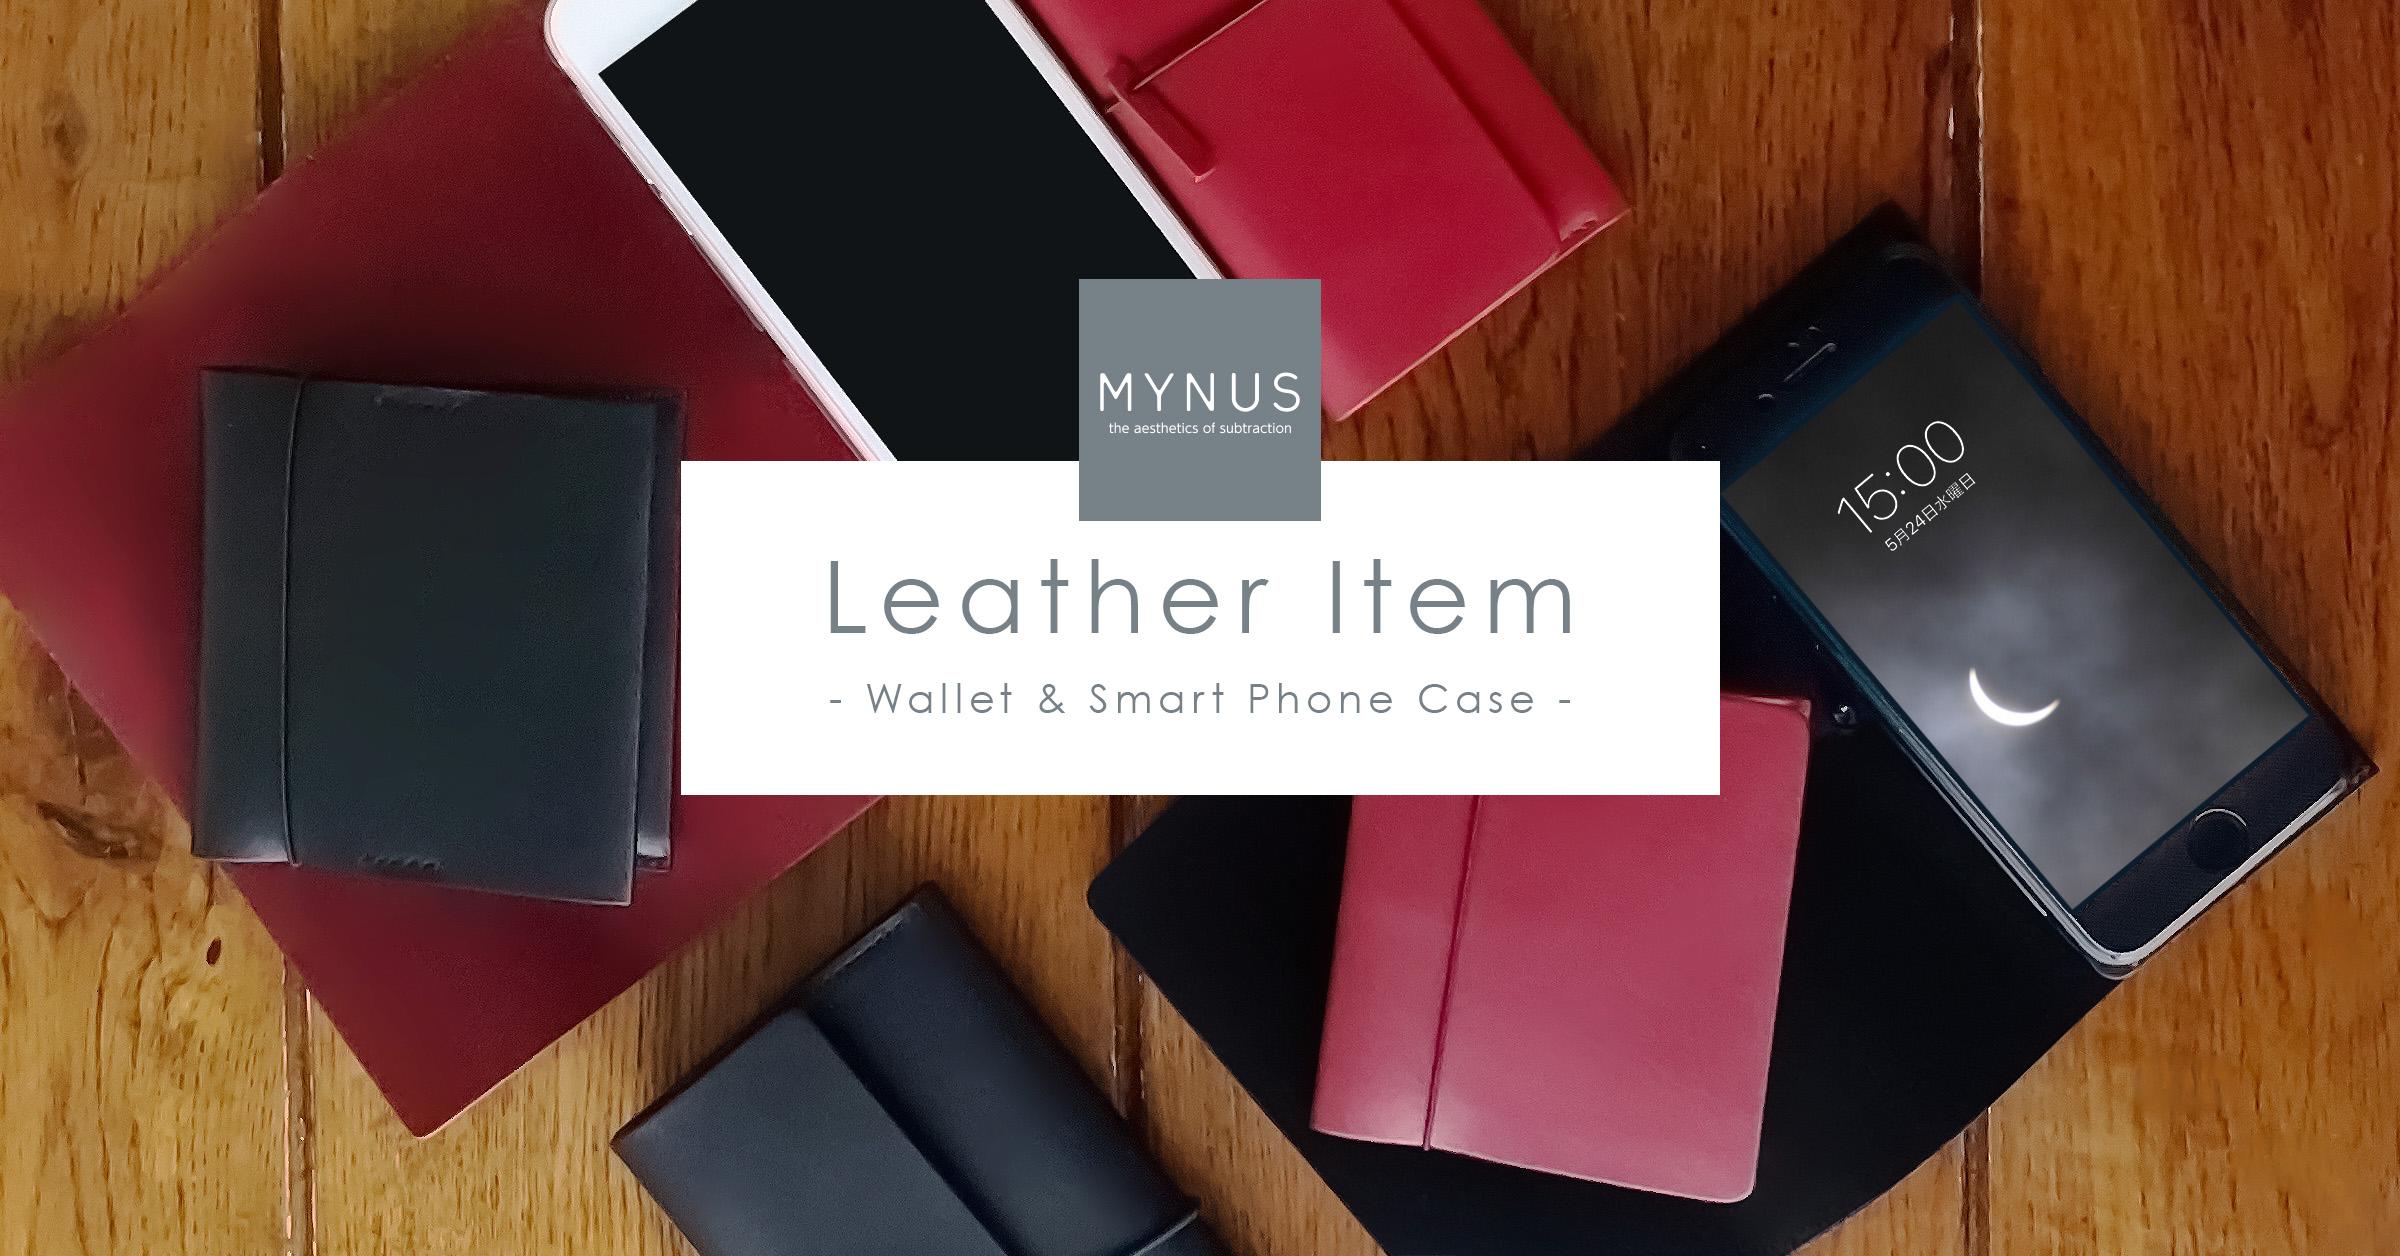 MYNUS Leather Item